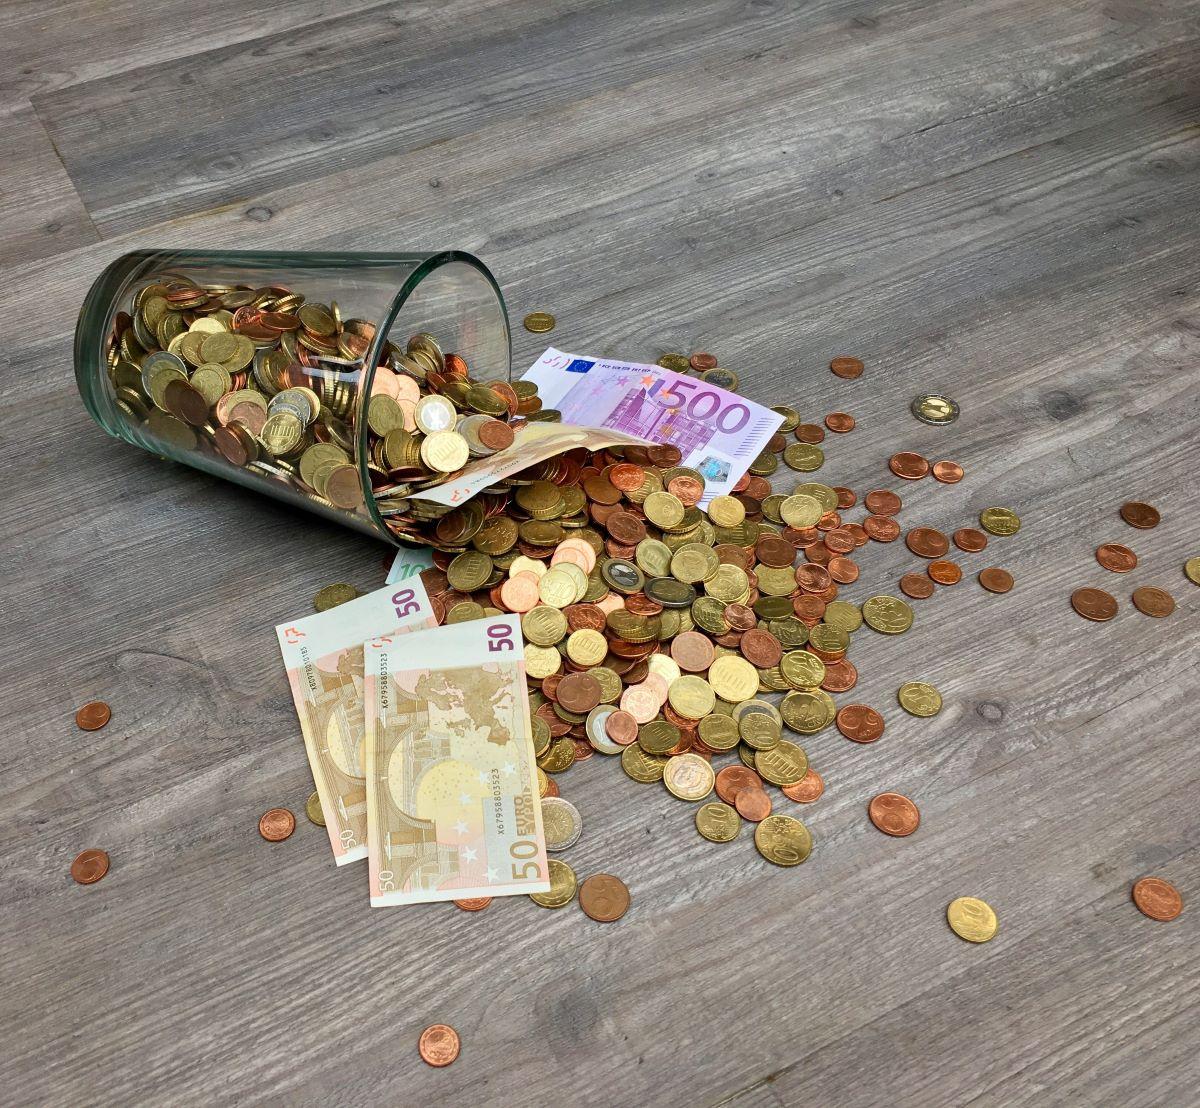 glass full of money